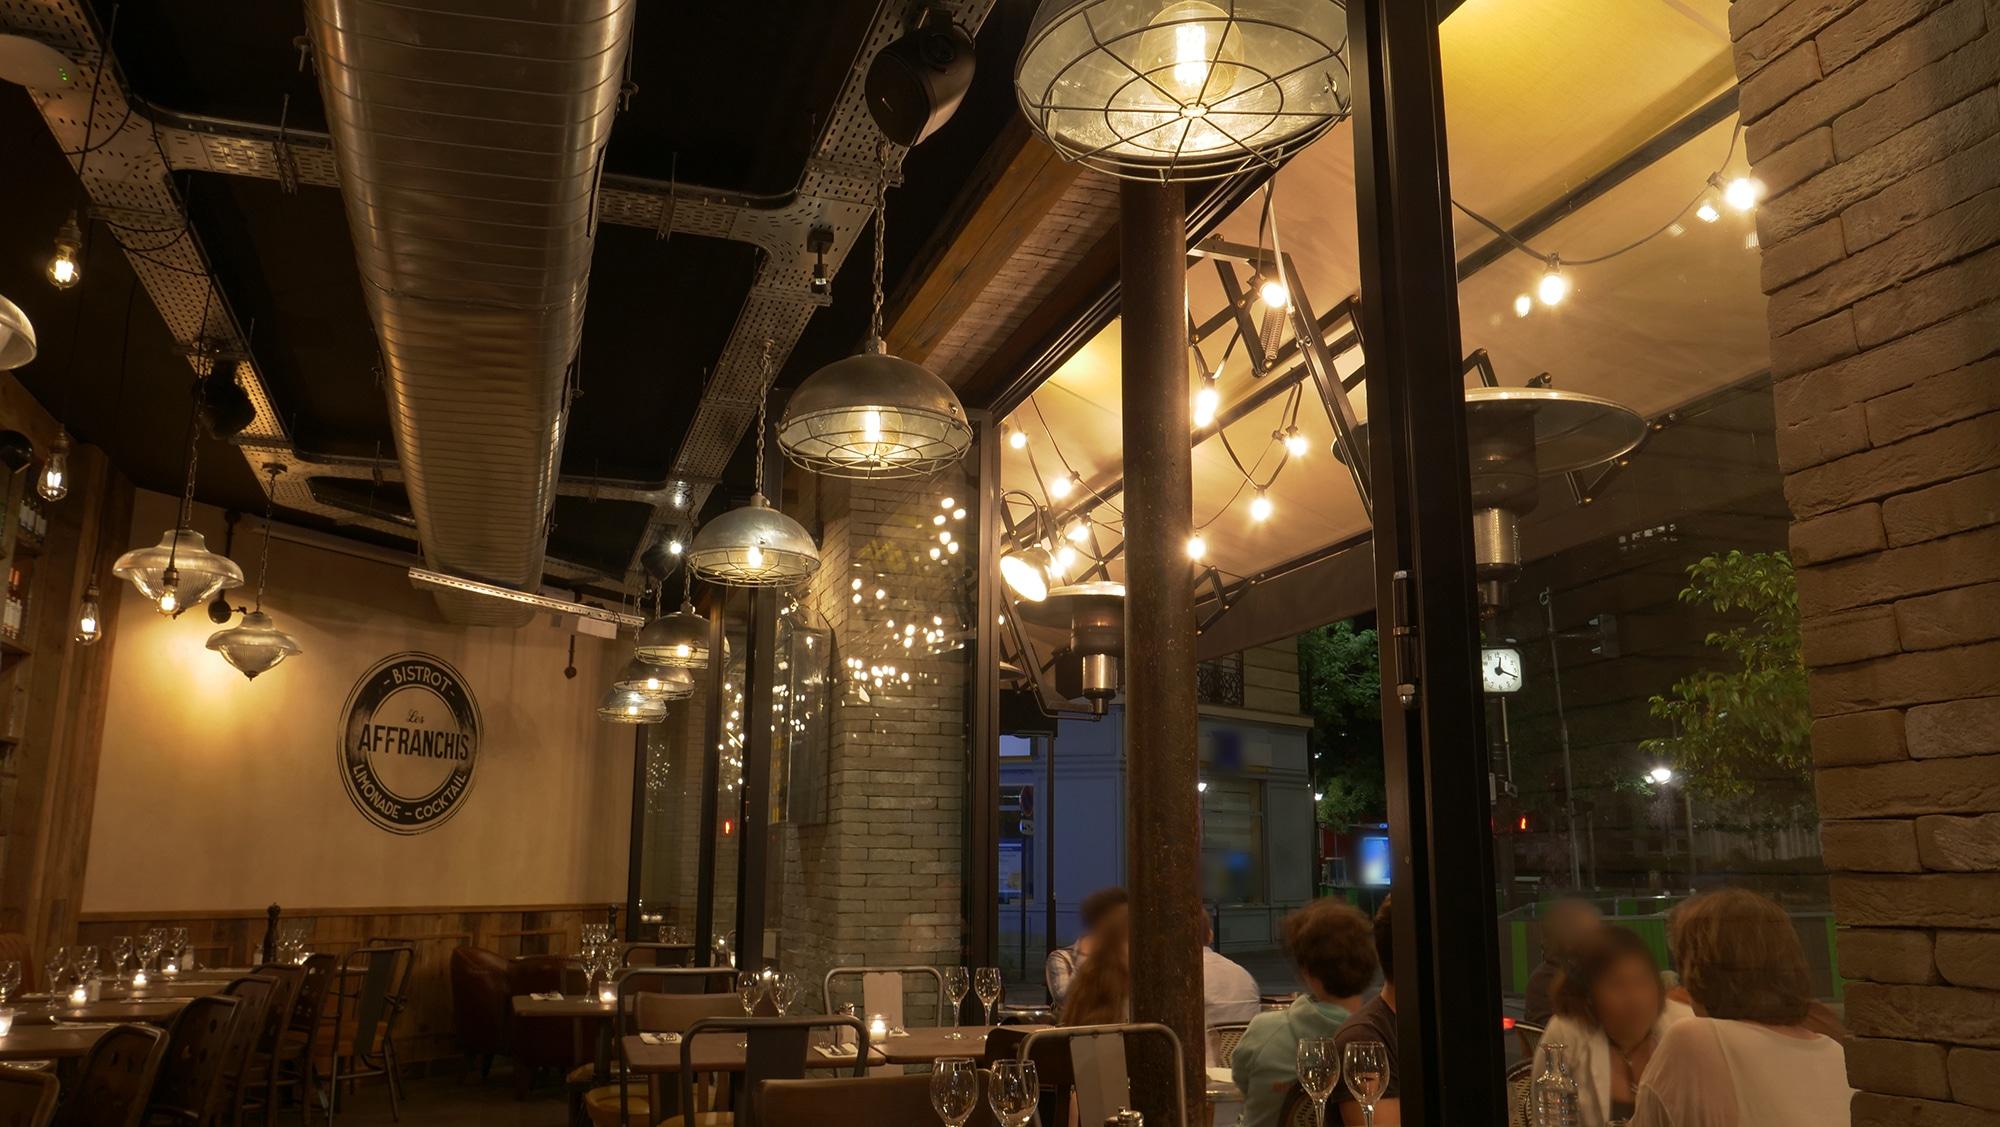 Salle de nuit Brasserie Les Affranchis Paris 13e